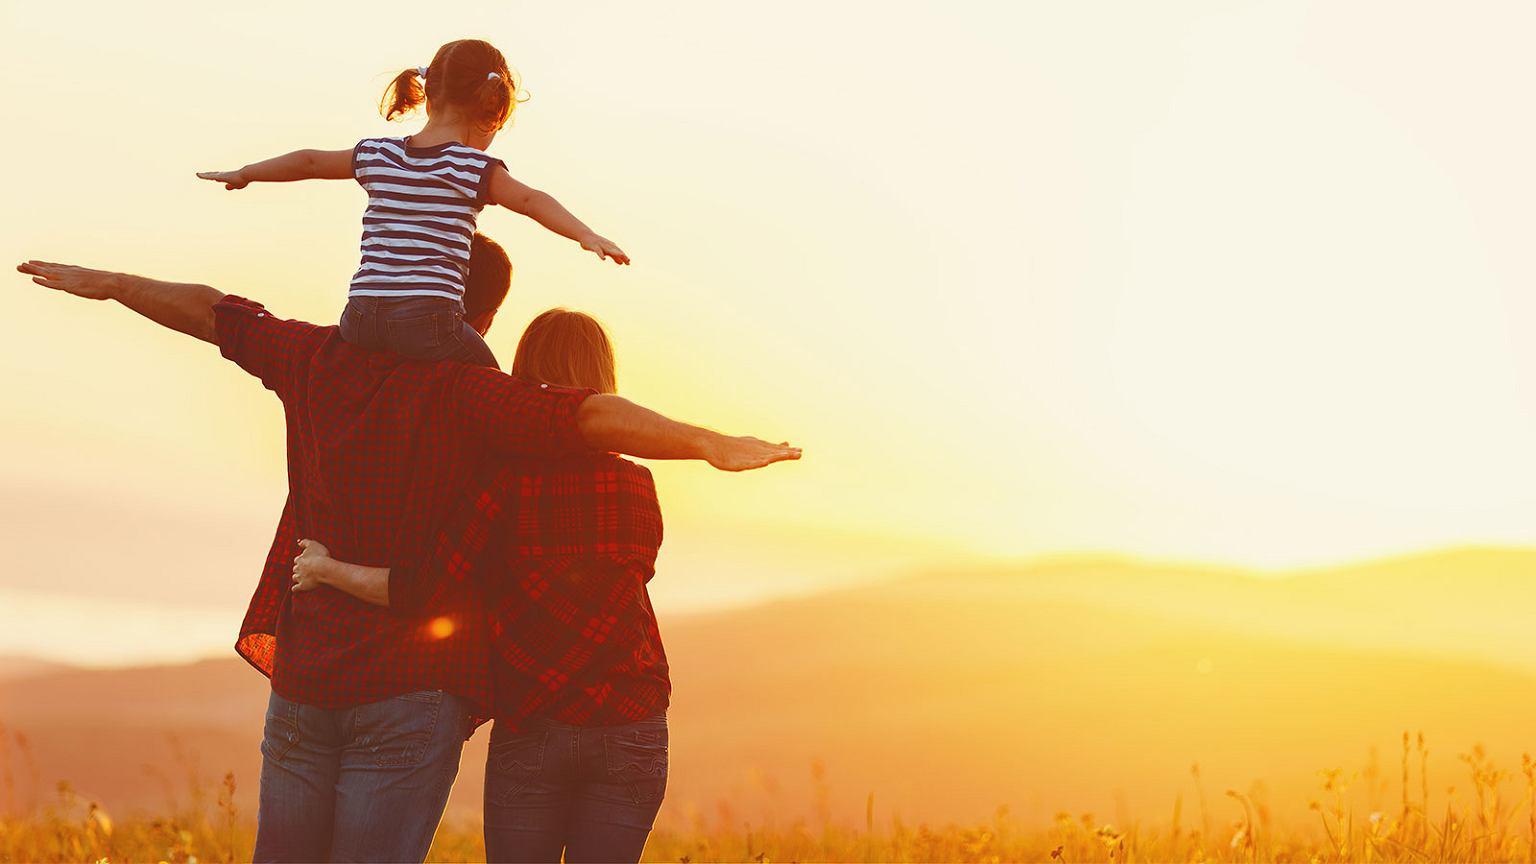 Rodzinne spędzanie czasu